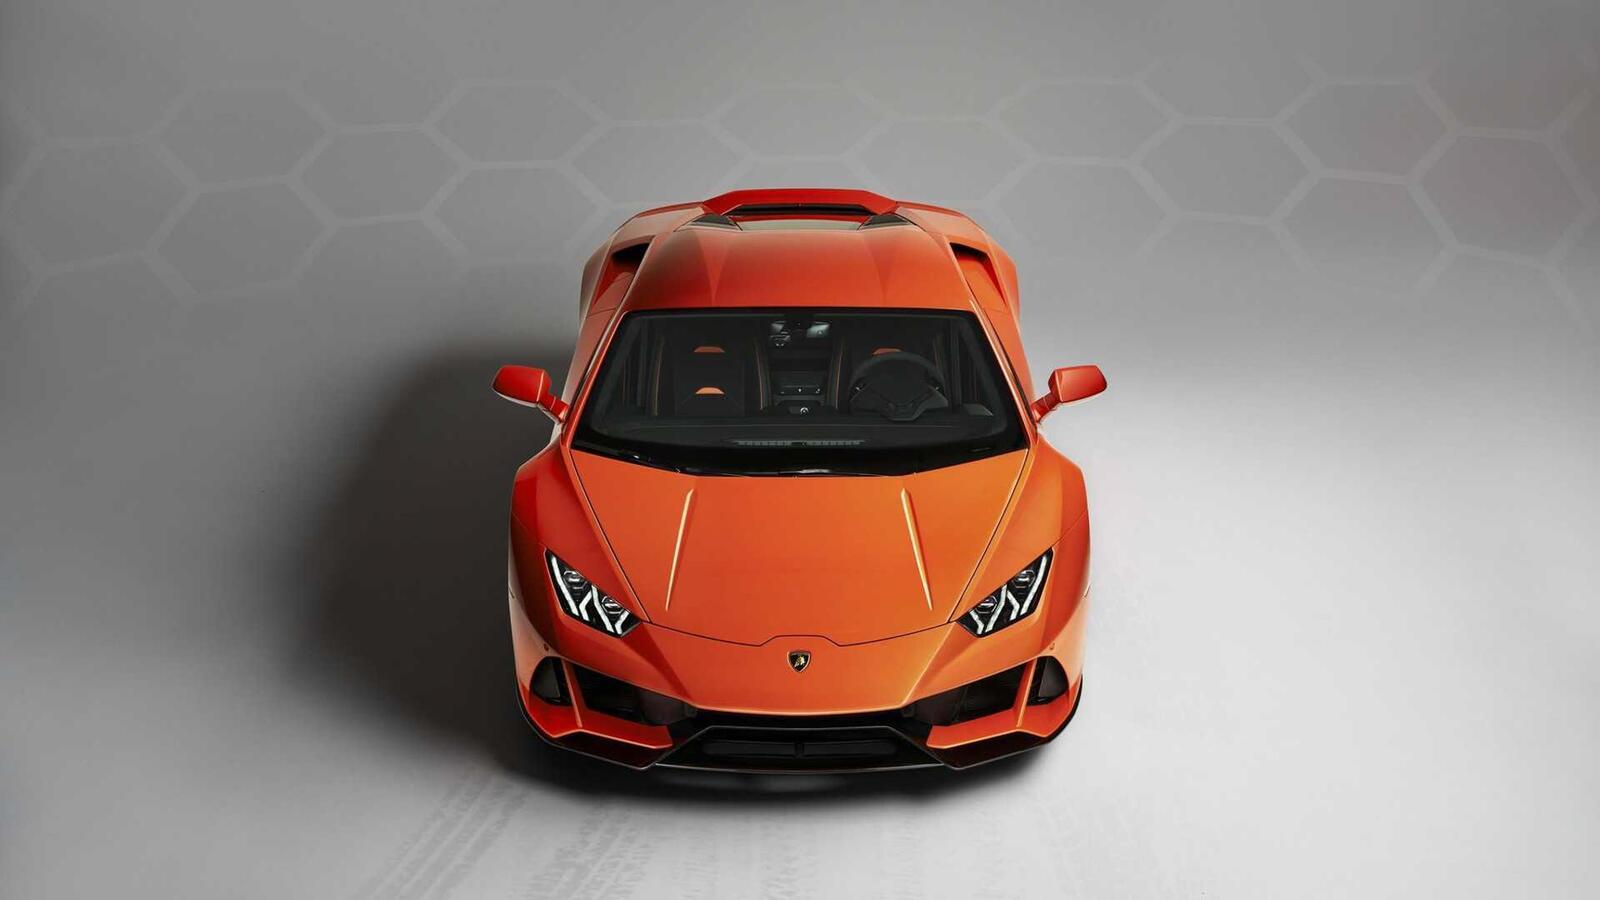 Lamborghini giới thiệu Huracan EVO mới với sức mạnh 640 mã lực - Hình 14